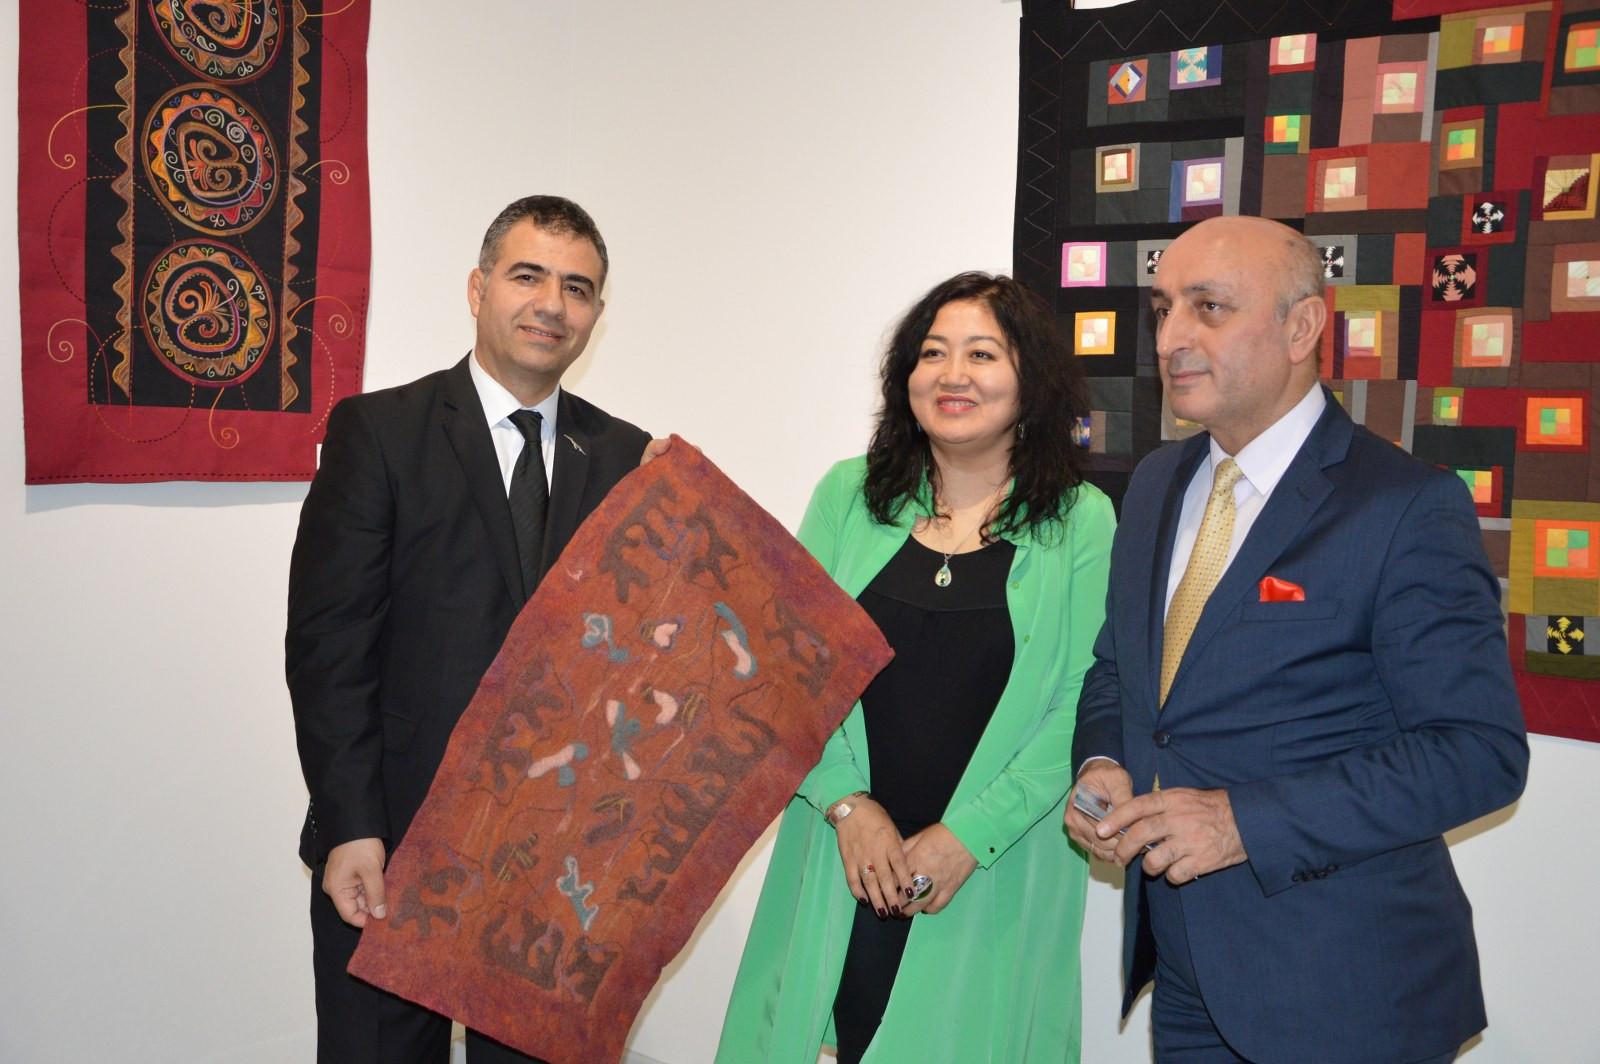 Türk Dünyasından Kadın Sanatçılar İstanbul'da Buluştu Galeri - 22. Resim